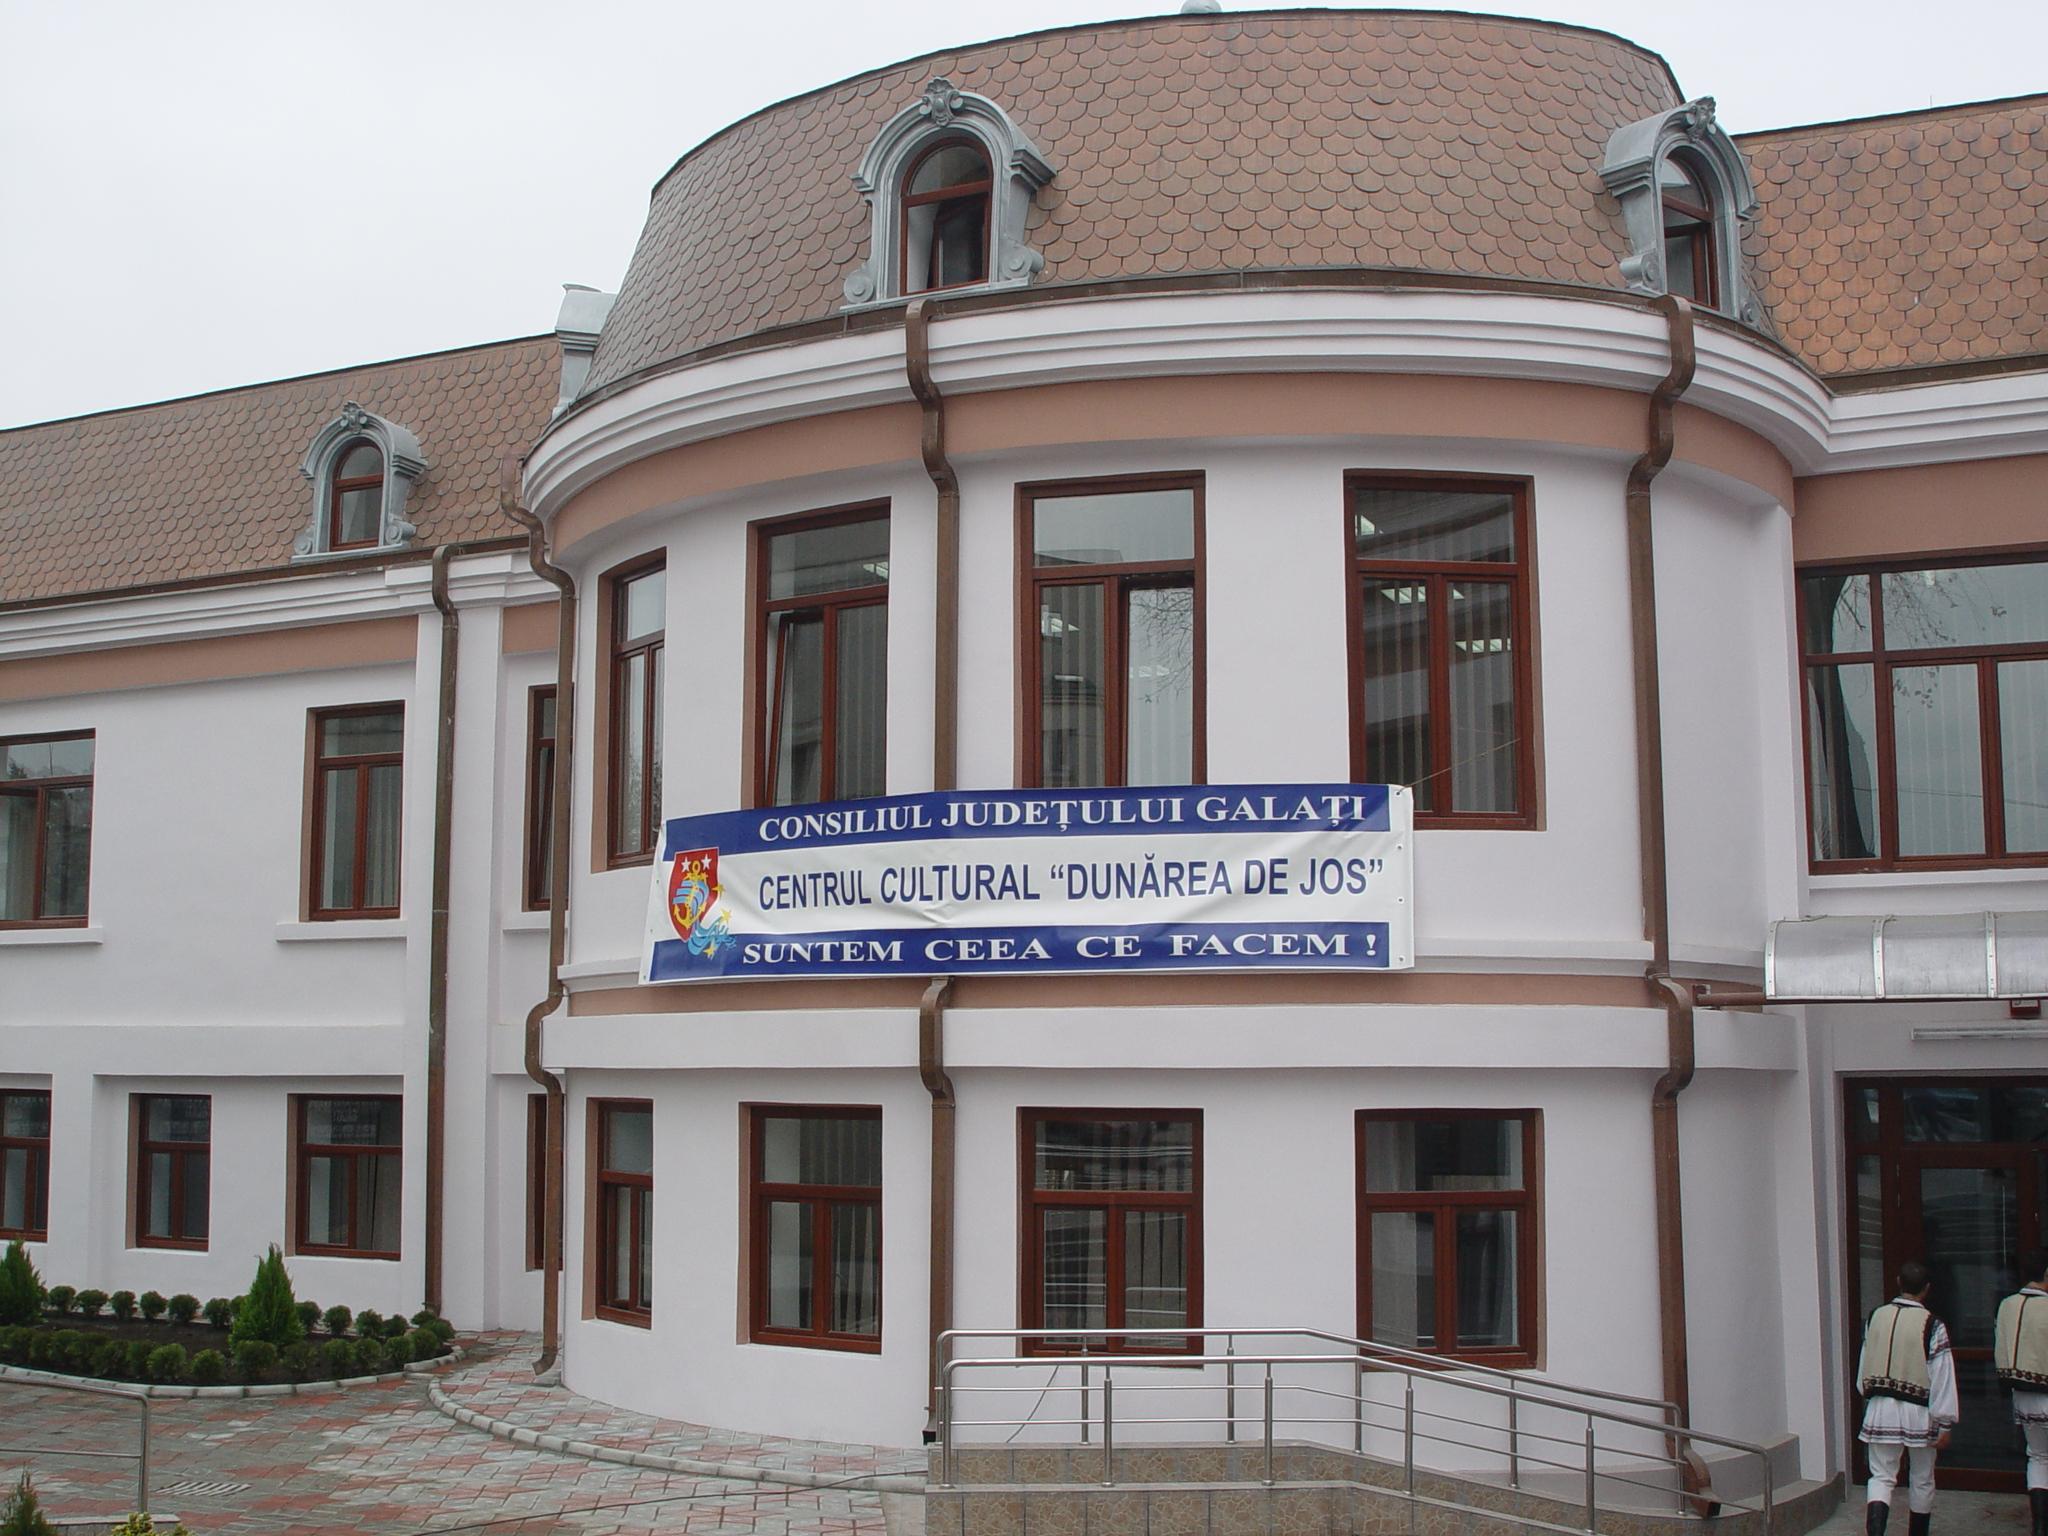 Galaţi: După cinci ani de procese, Casa Gheorghiade, una dintre cele mai frumoase clădiri de pe strada Domnească, rămâne proprietatea oraşului 3